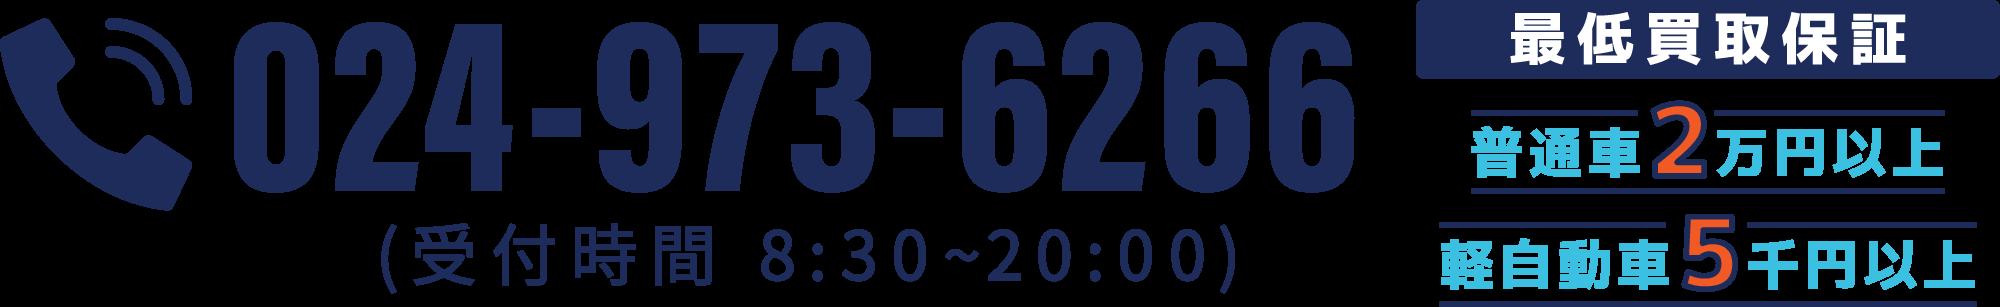 024-973-6266 受付時間:8:30〜20:00